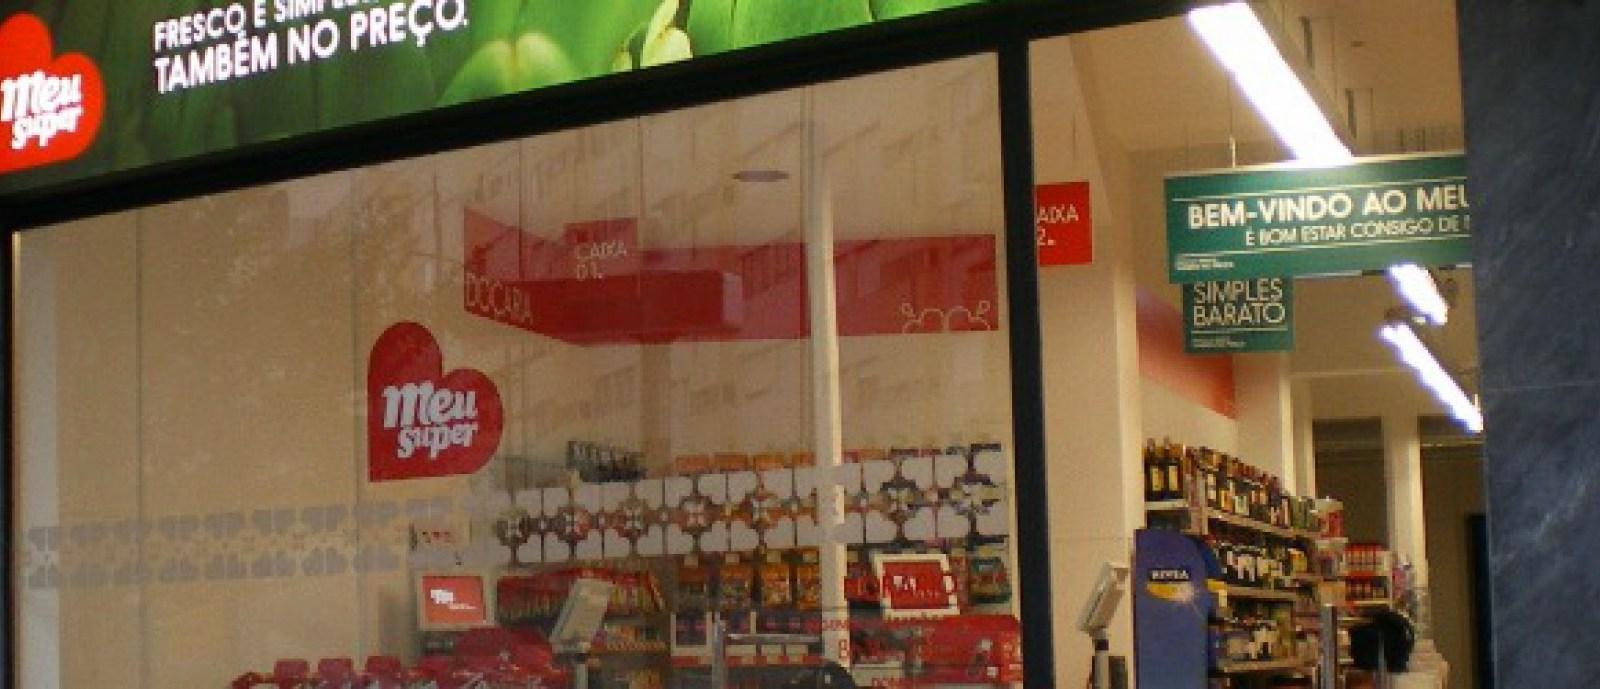 30 lojas Meu Super vão abrir